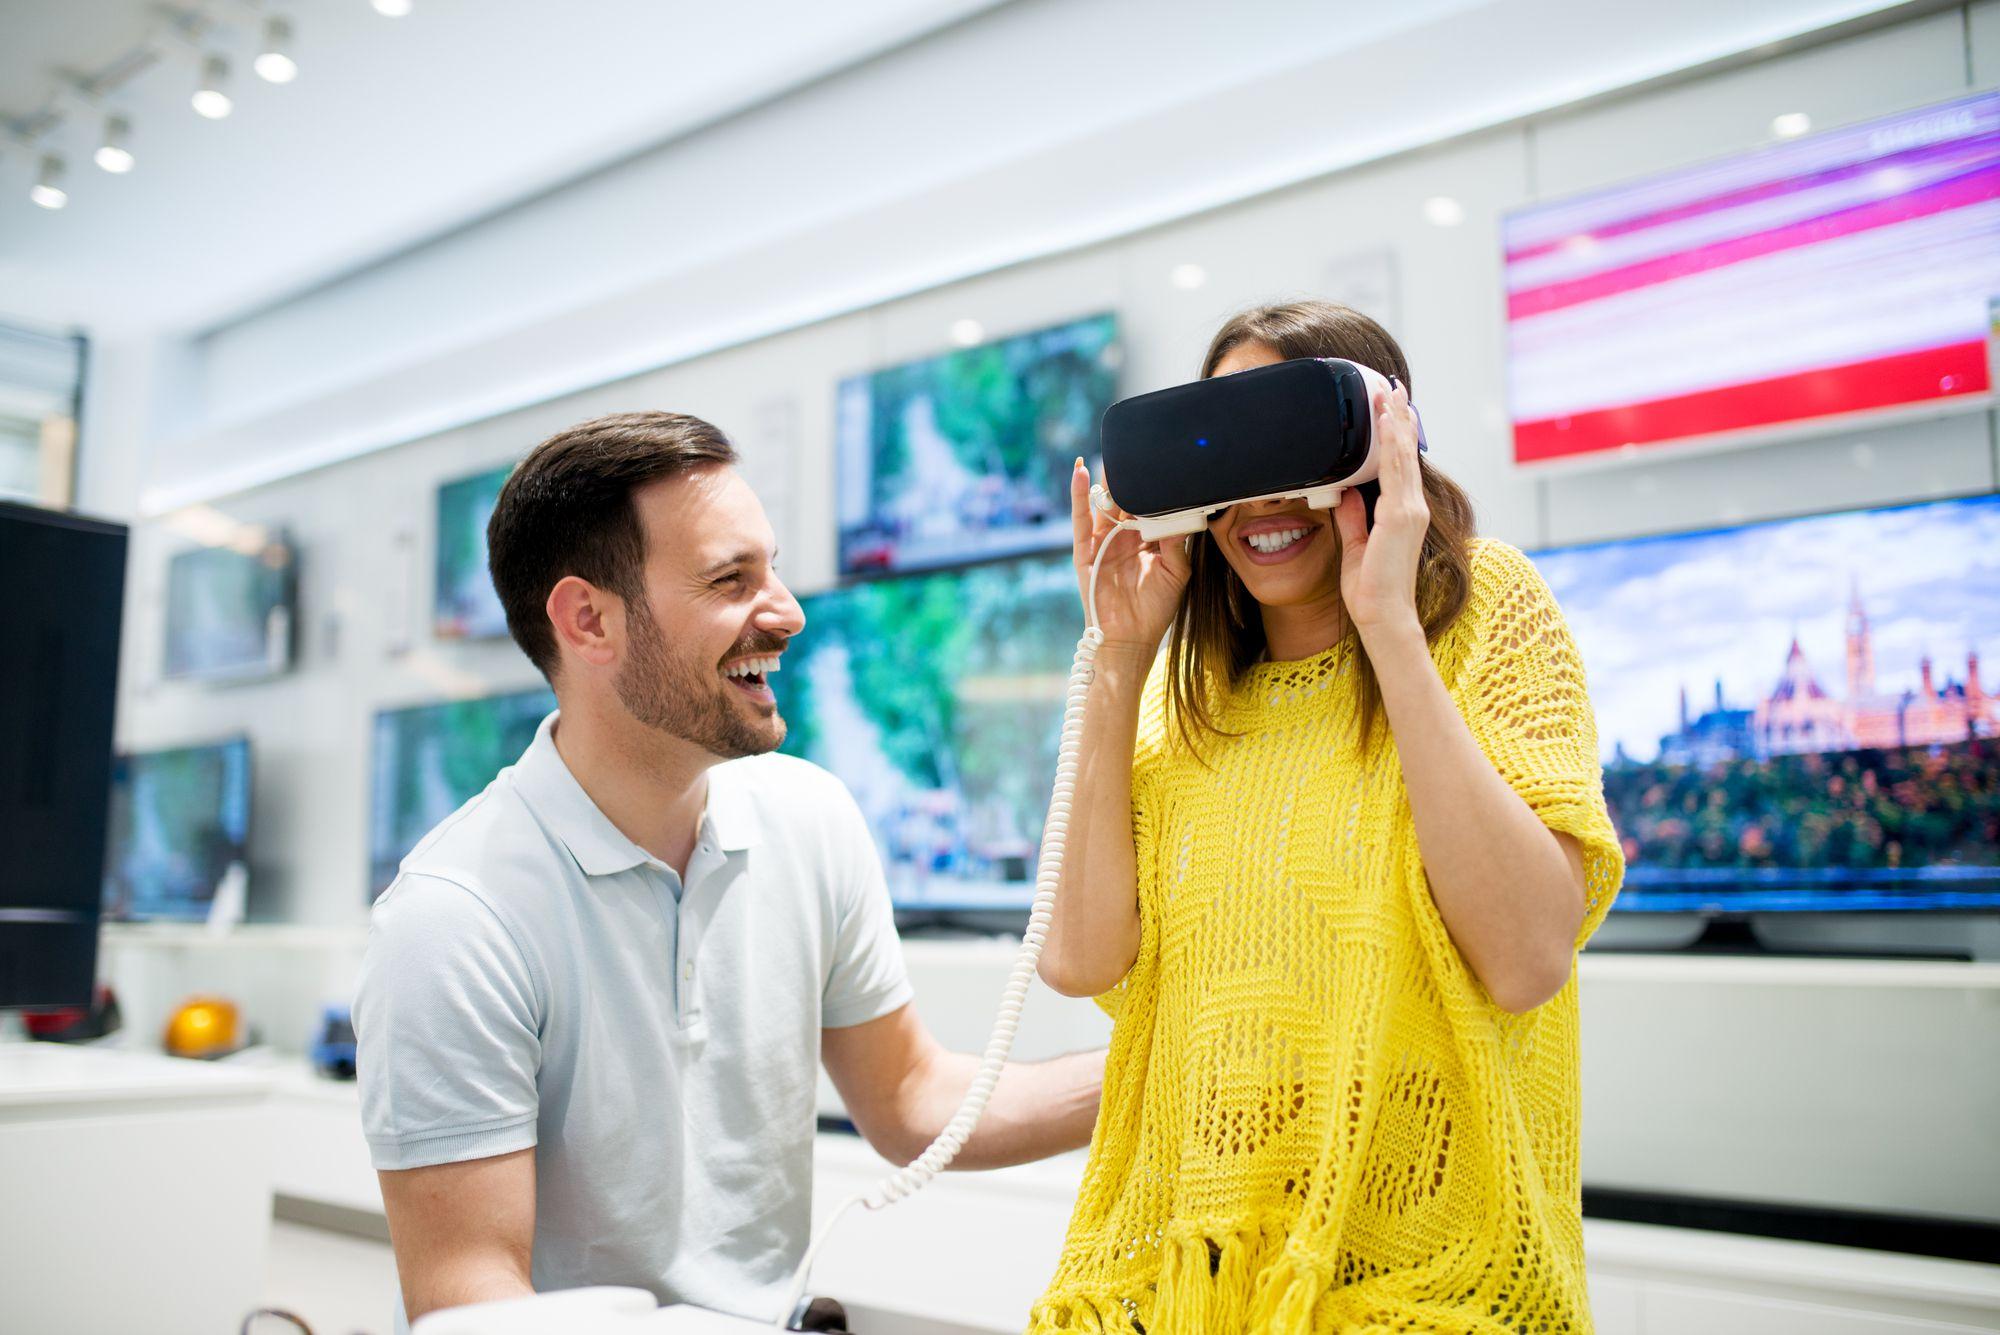 Tecnologia no varejo: descubra as principais inovações do setor!